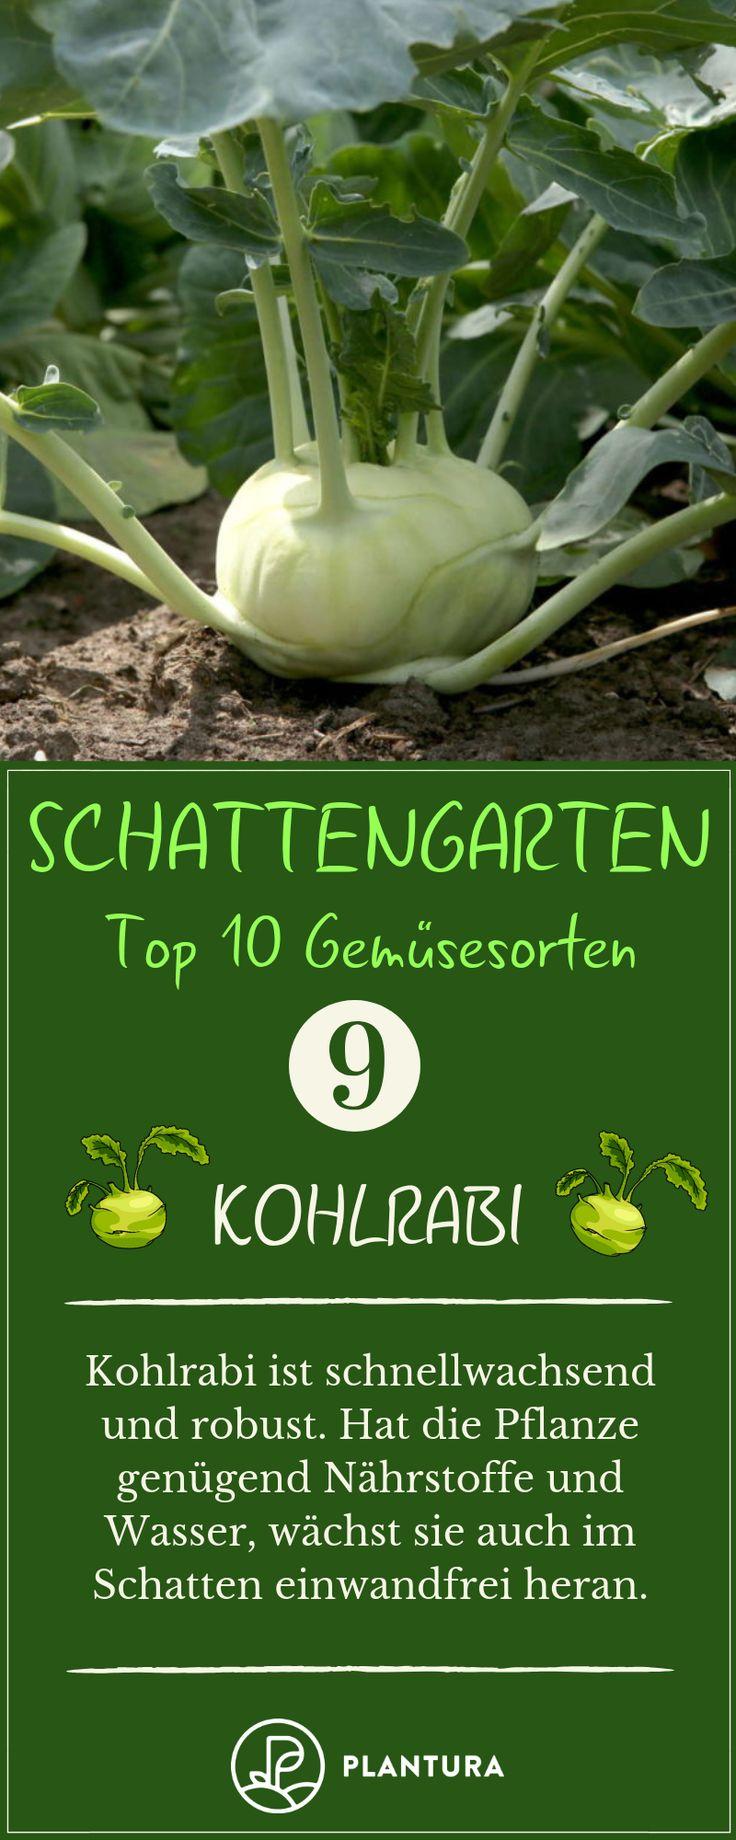 Gemüse für den Schatten: Unsere Top 10 Übersicht